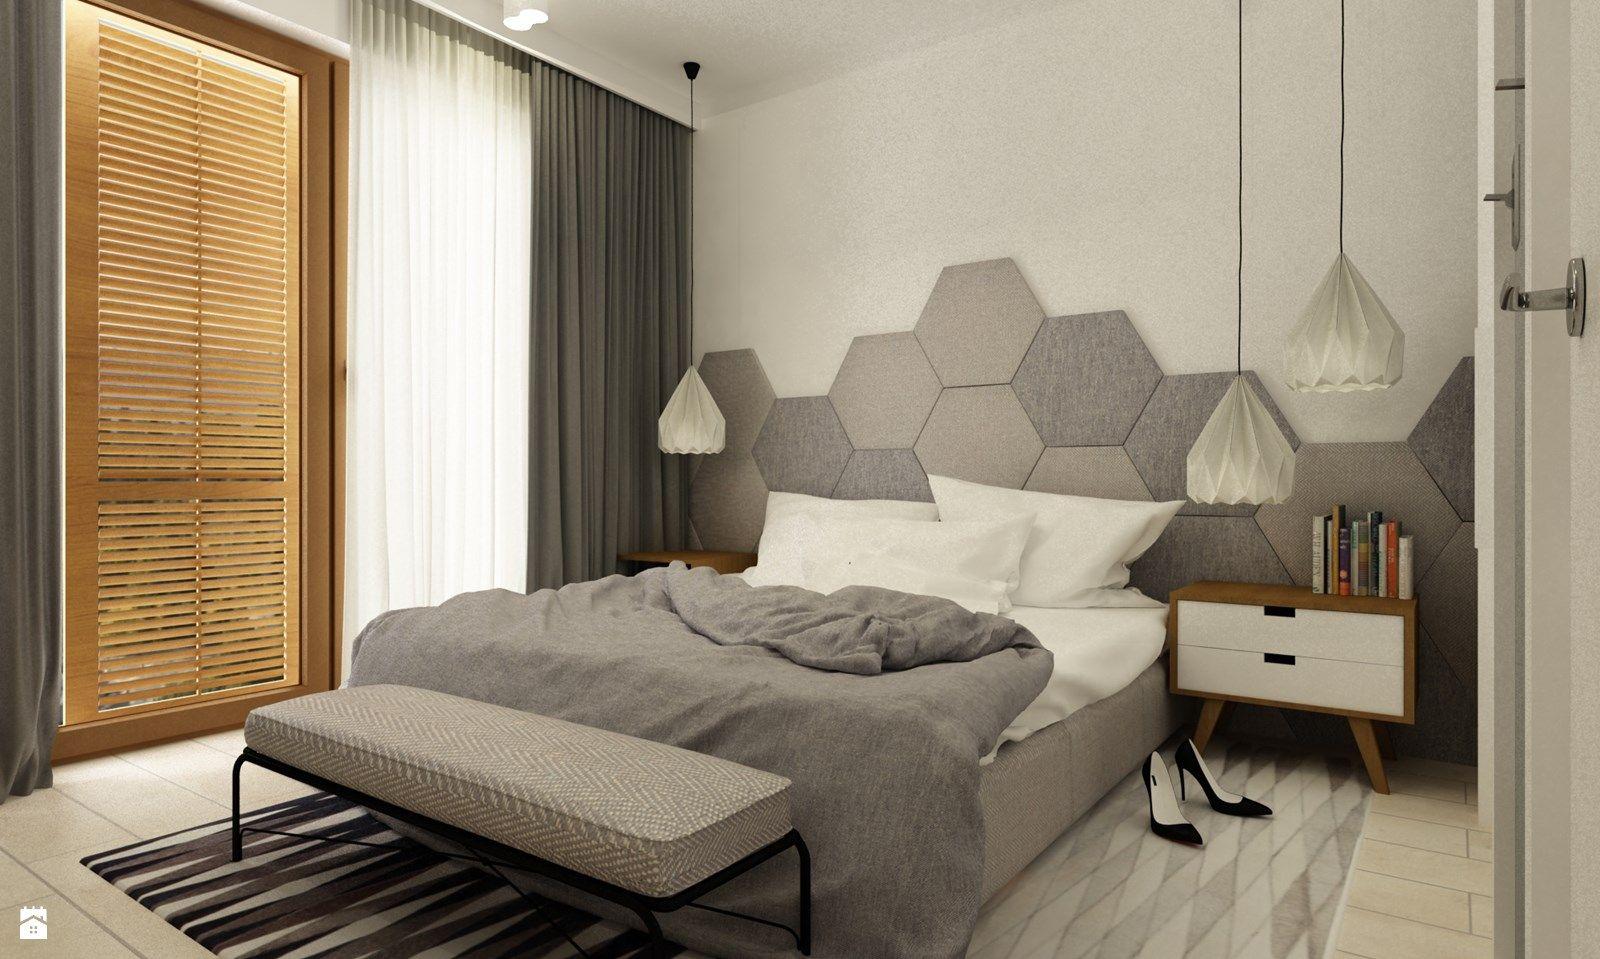 Camera Da Letto Stile Minimalista : Camera da letto stile minimal testata letto esagonale x b&b